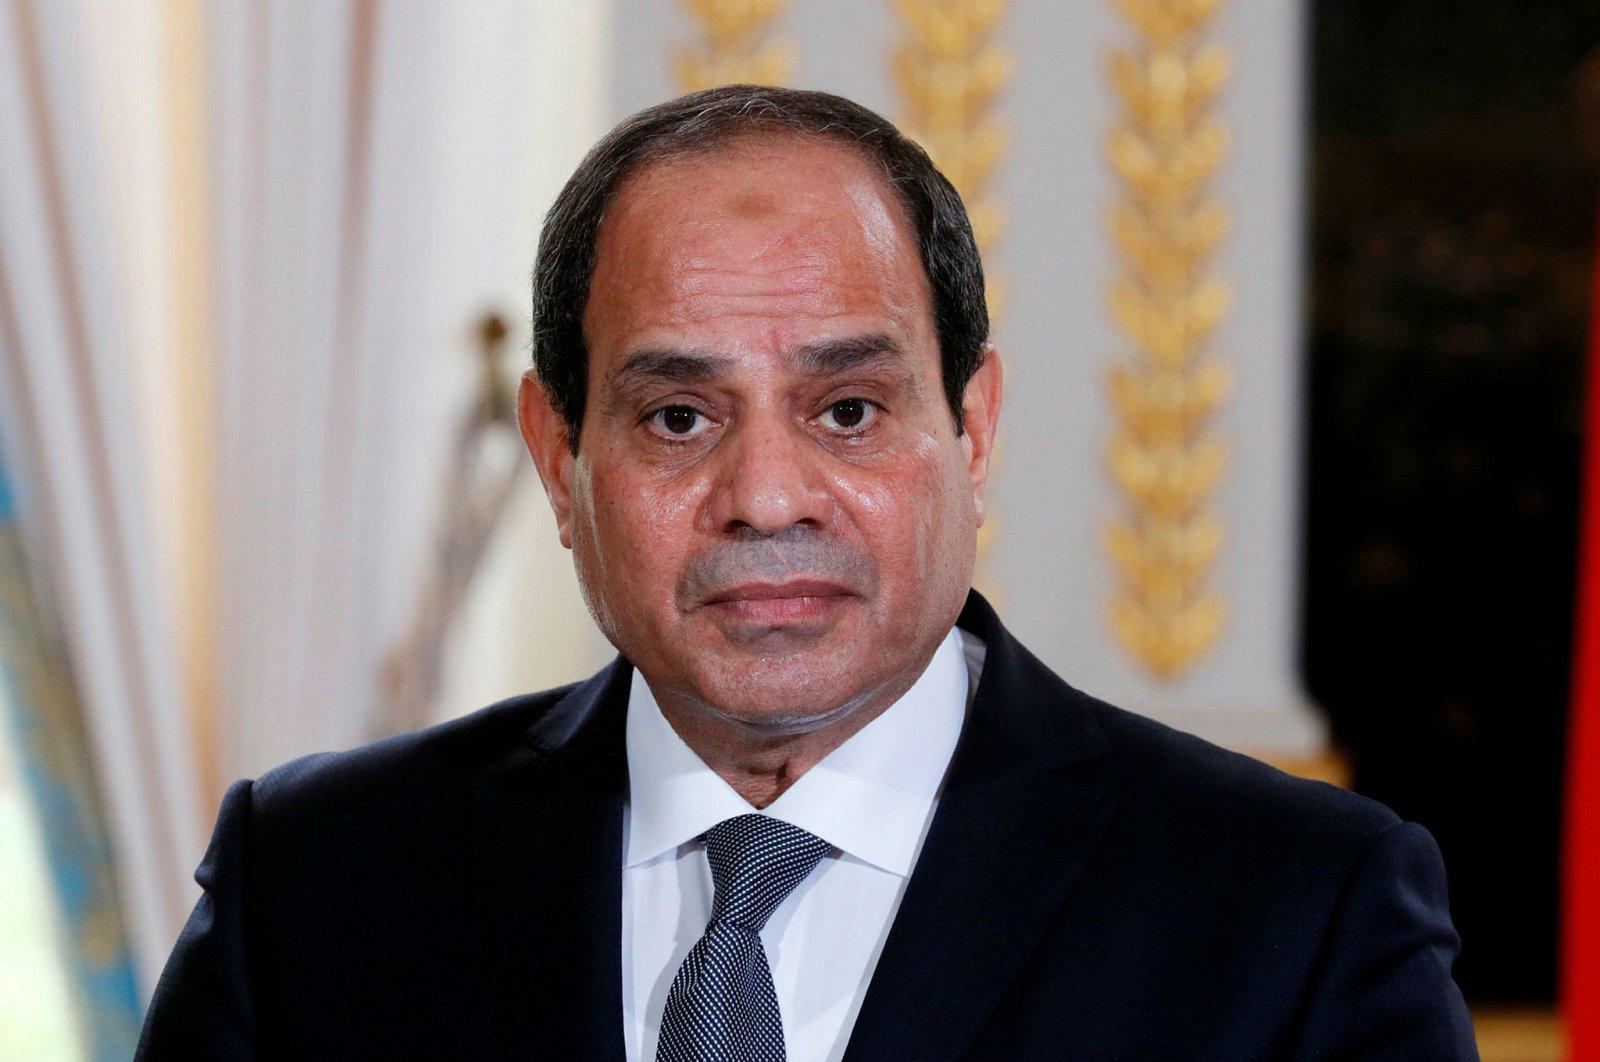 Egypt's President Abdel Fattah el-Sissi.